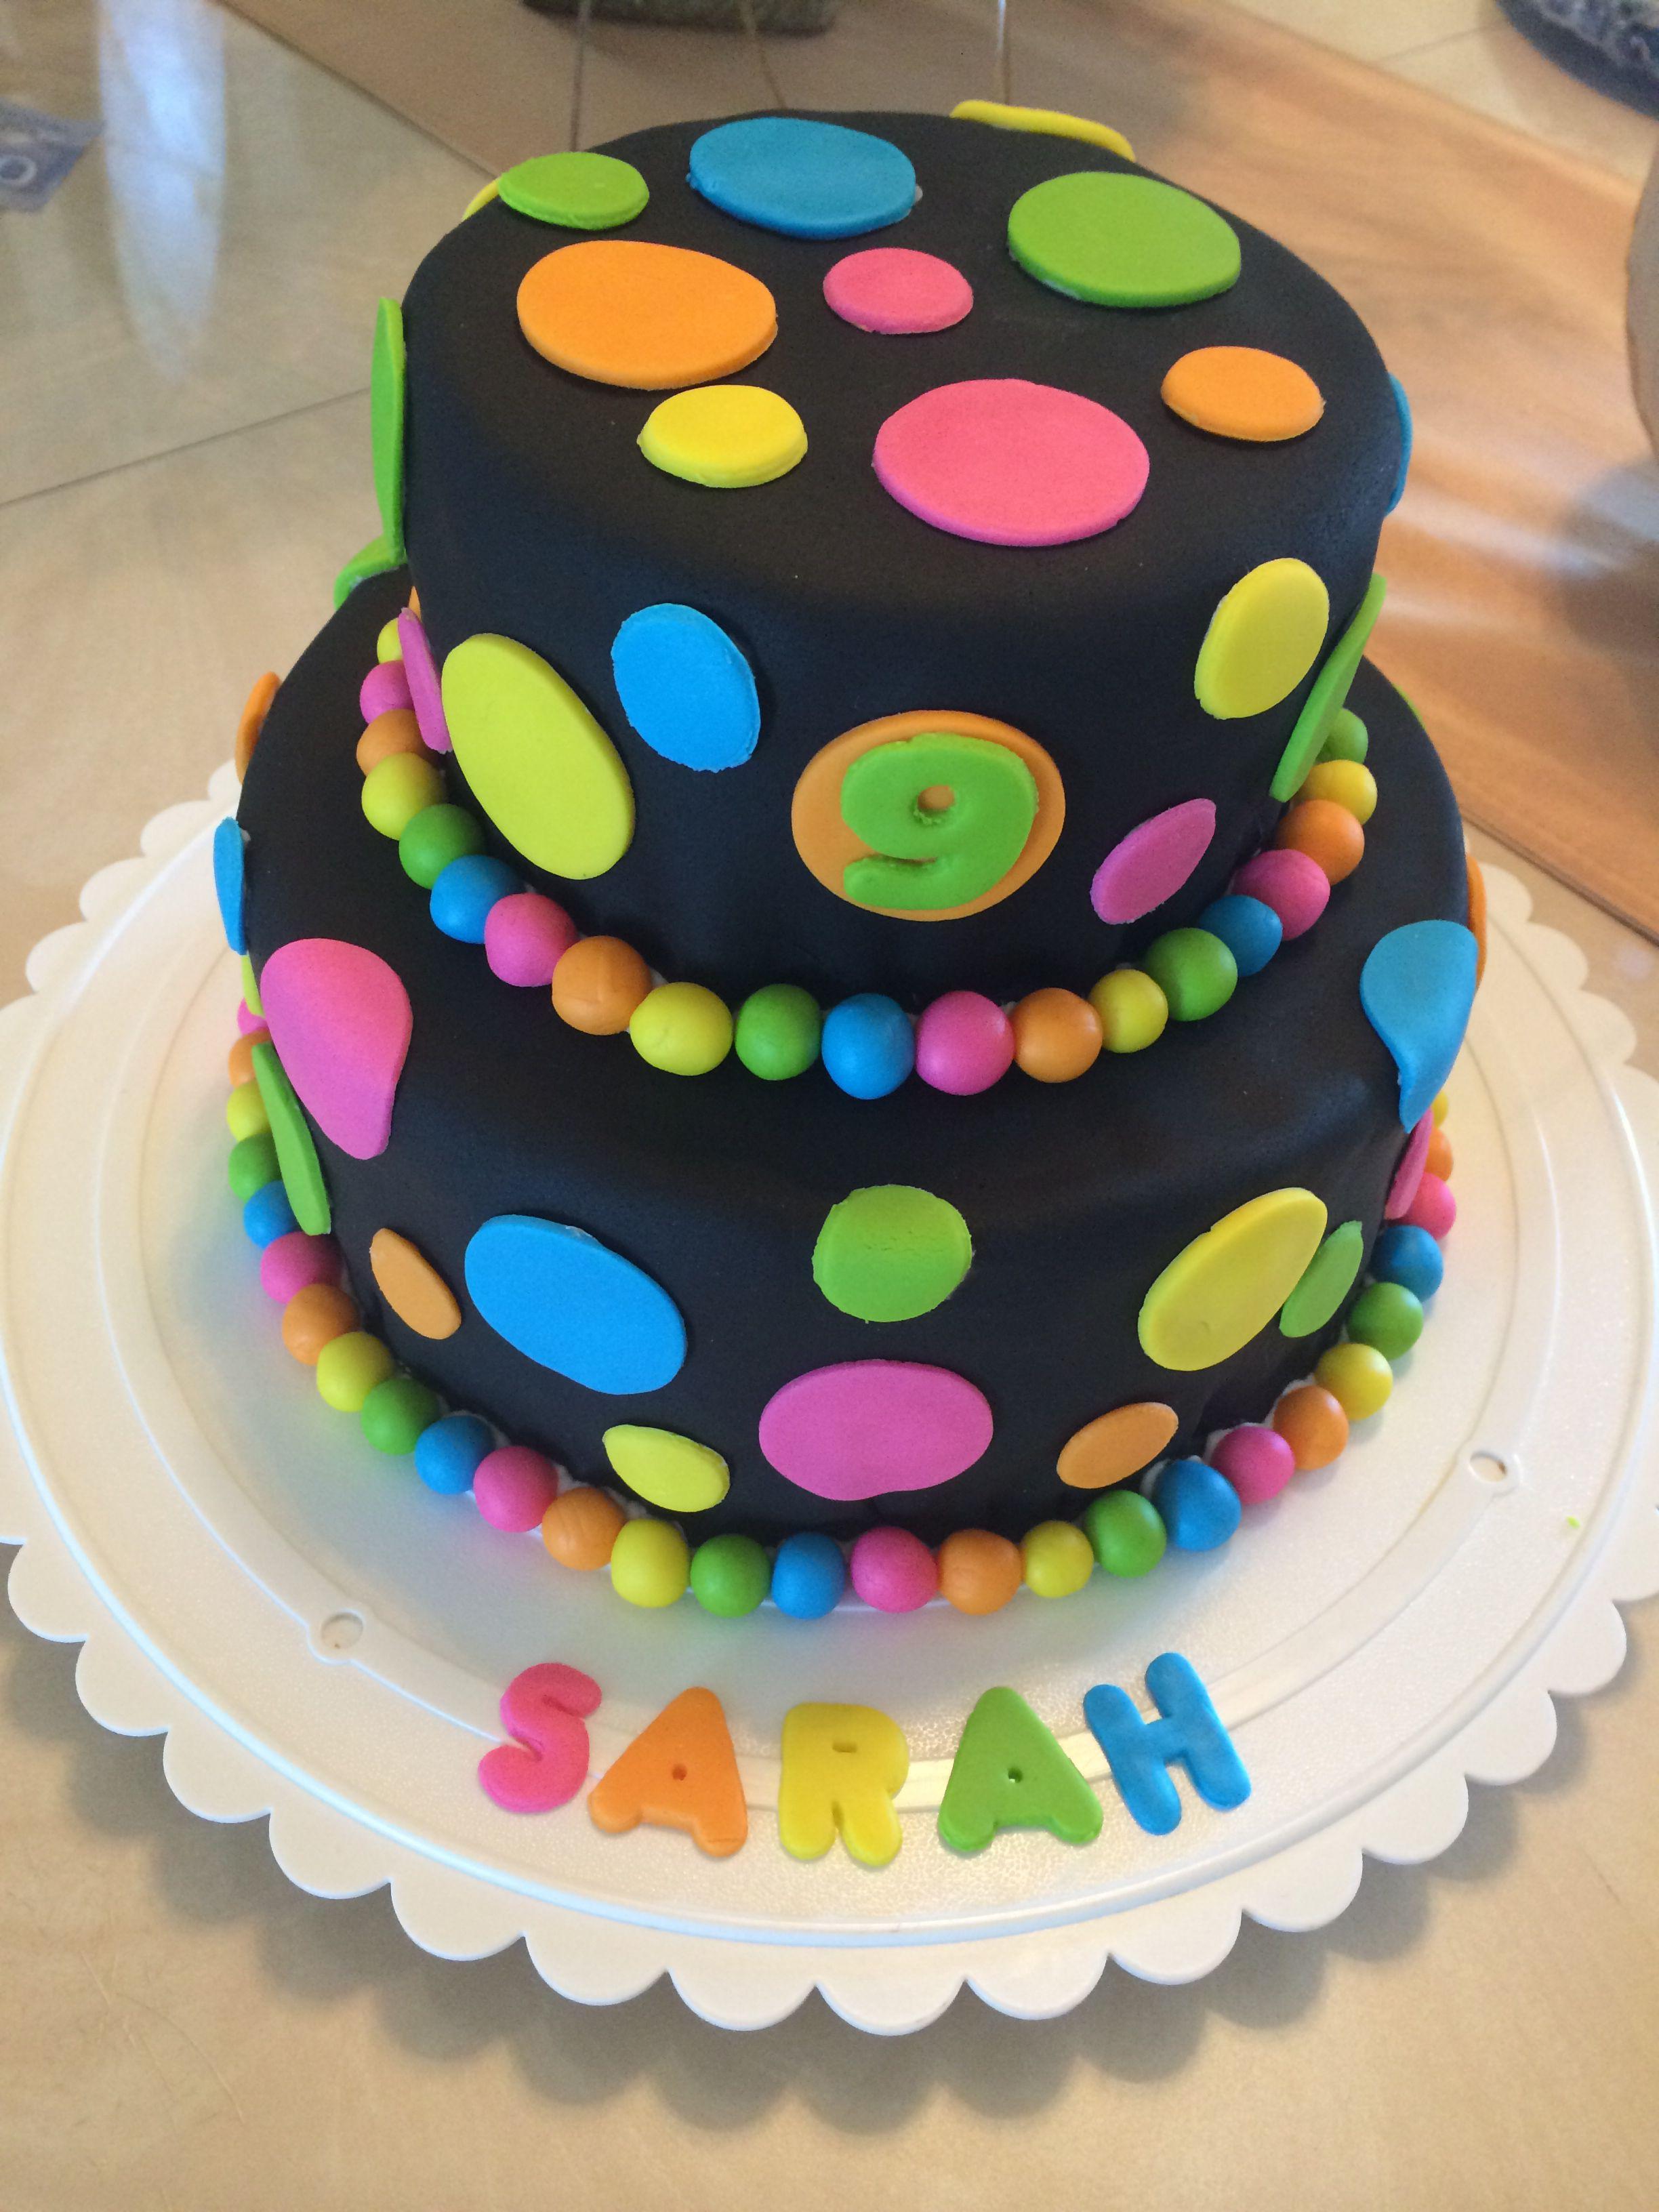 Neon polka dot birthday cake